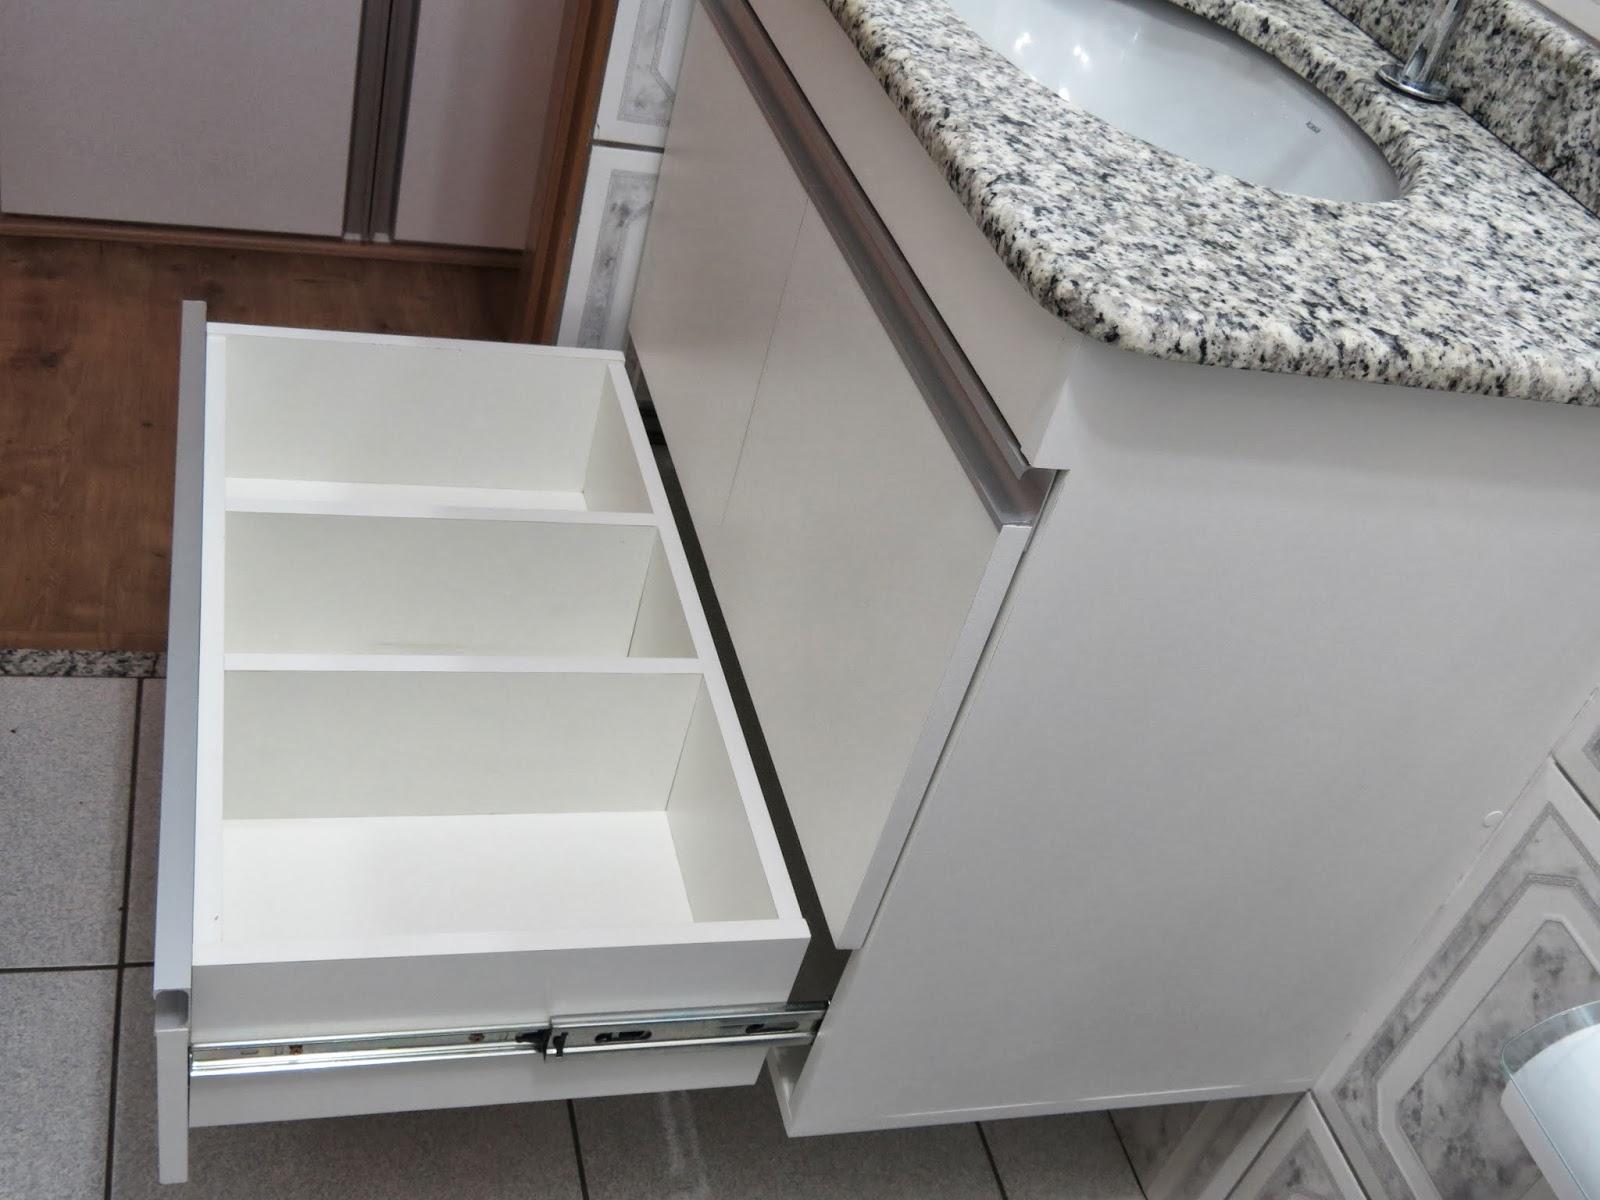 Lopes Armários Planejados: Armário para Banheiro (Padrão Branco  #59453C 1600x1200 Armario Banheiro Aluminio